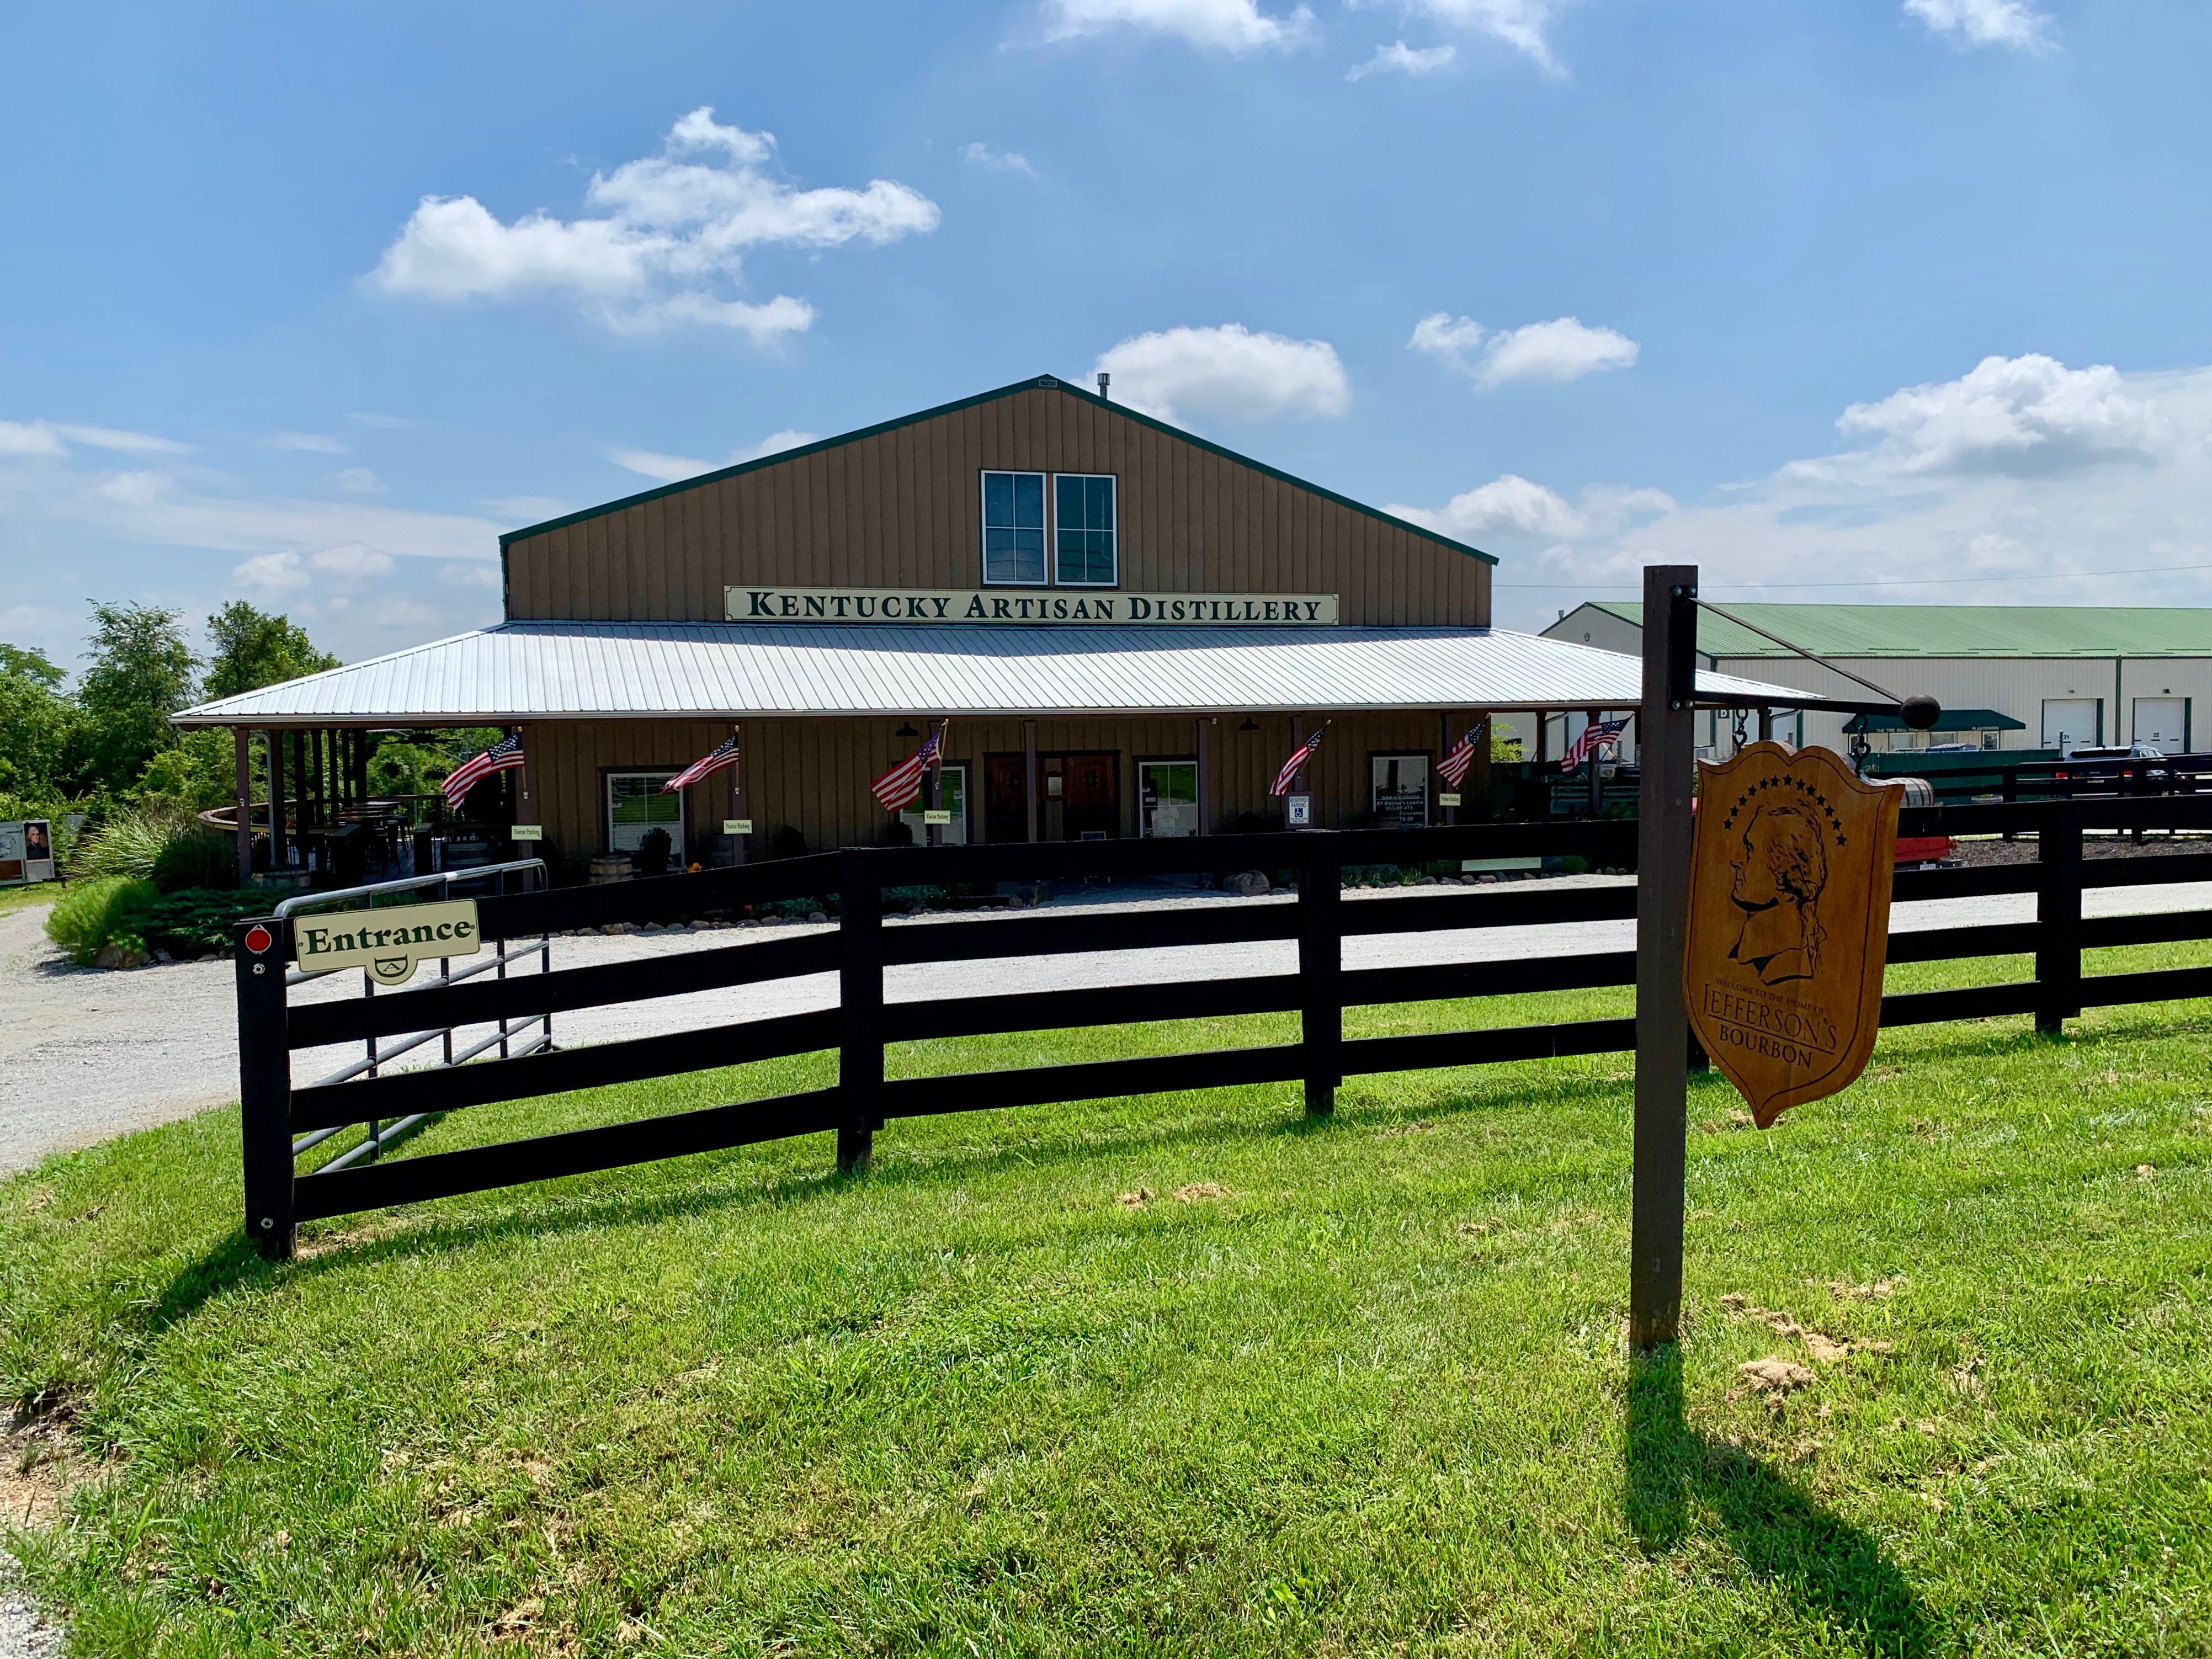 Kentucky Artisan Distillery - Front